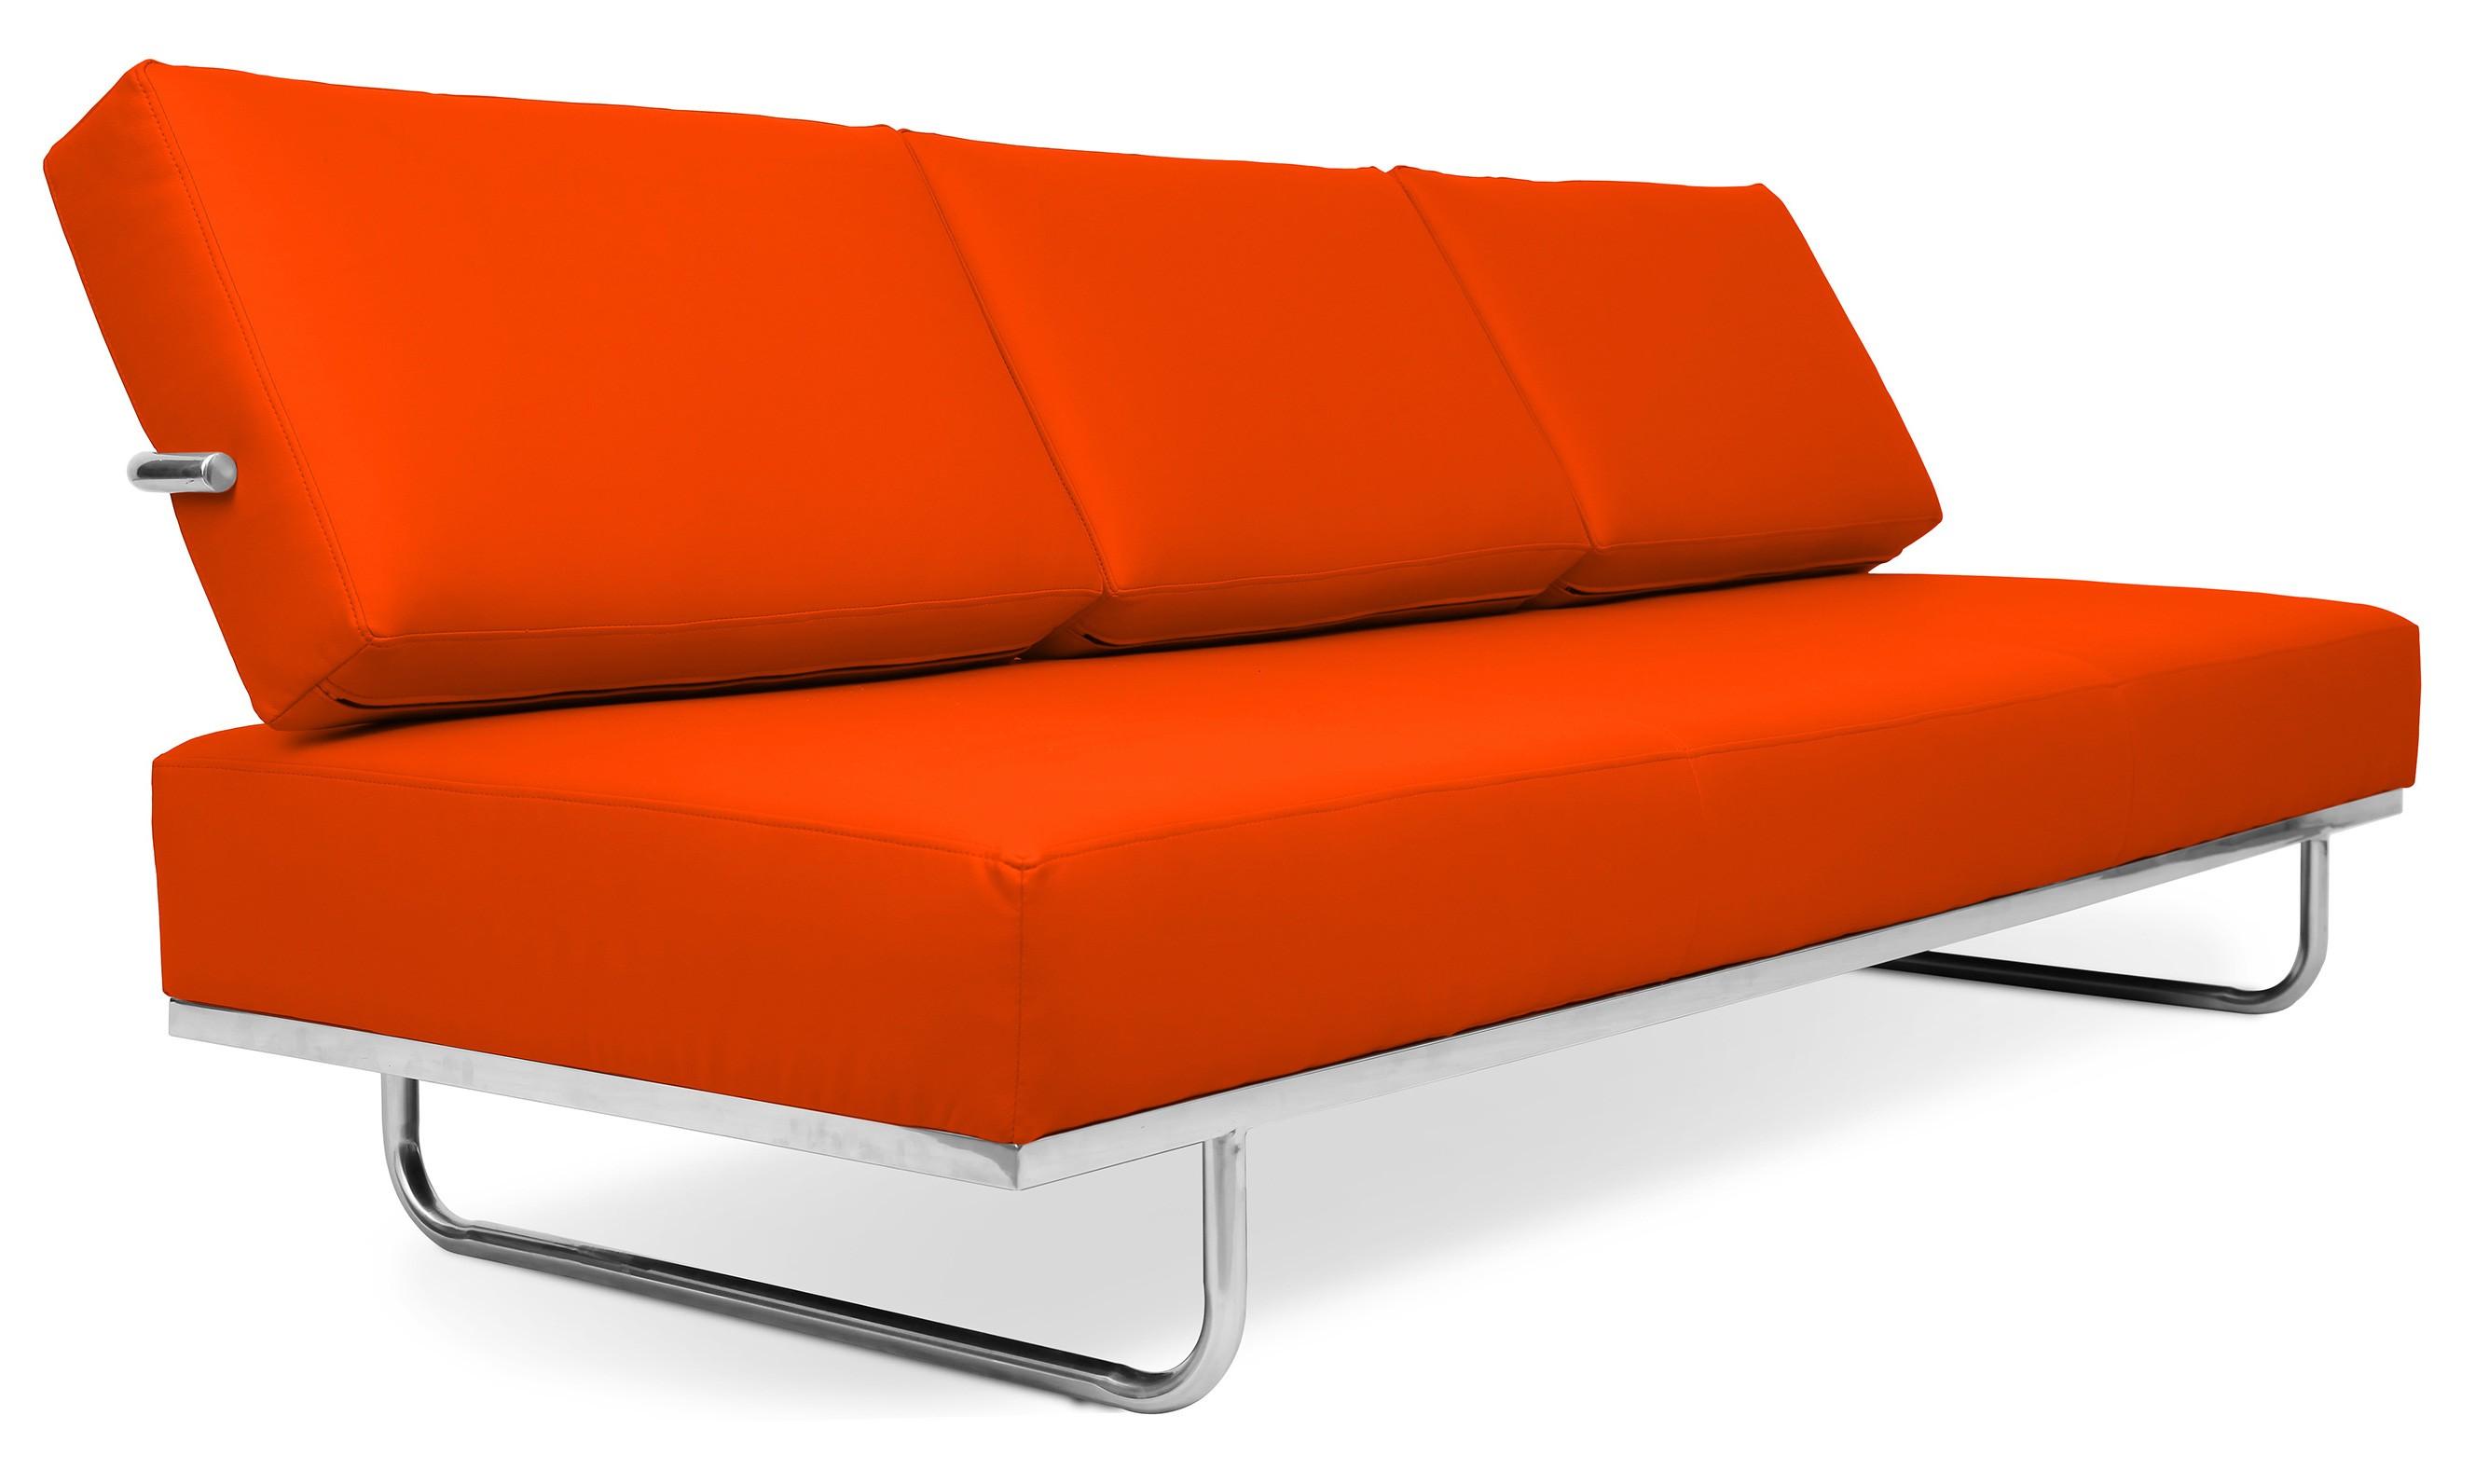 Canap lit 3 places cuir orange carter - Canape lit tres confortable ...